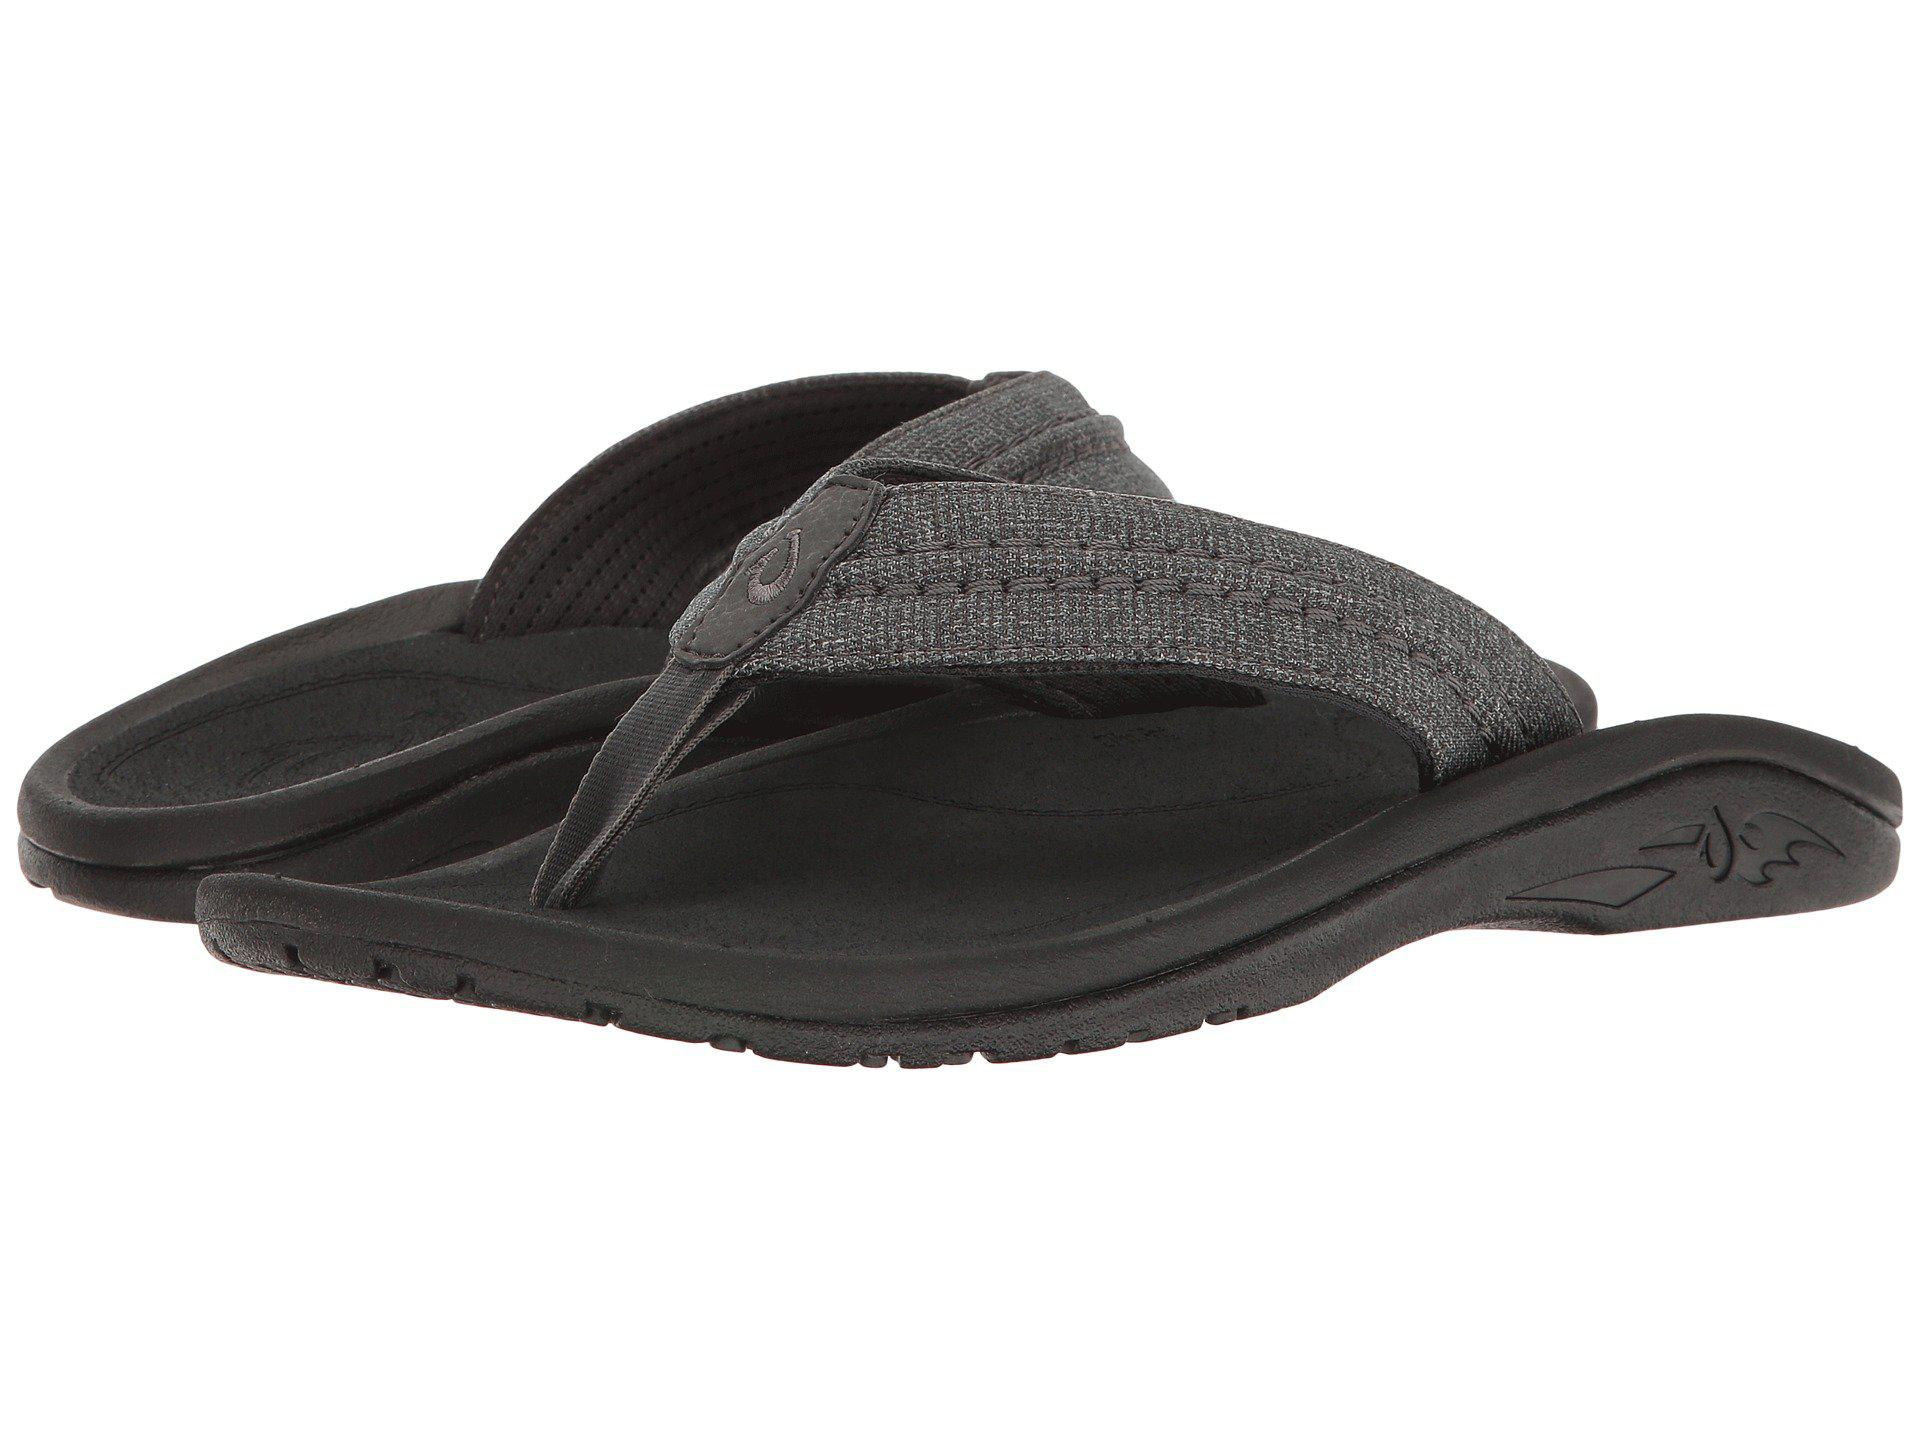 274eee3127c Lyst - Olukai Hokua Mesh (dark Shadow) Men s Sandals in Black for Men